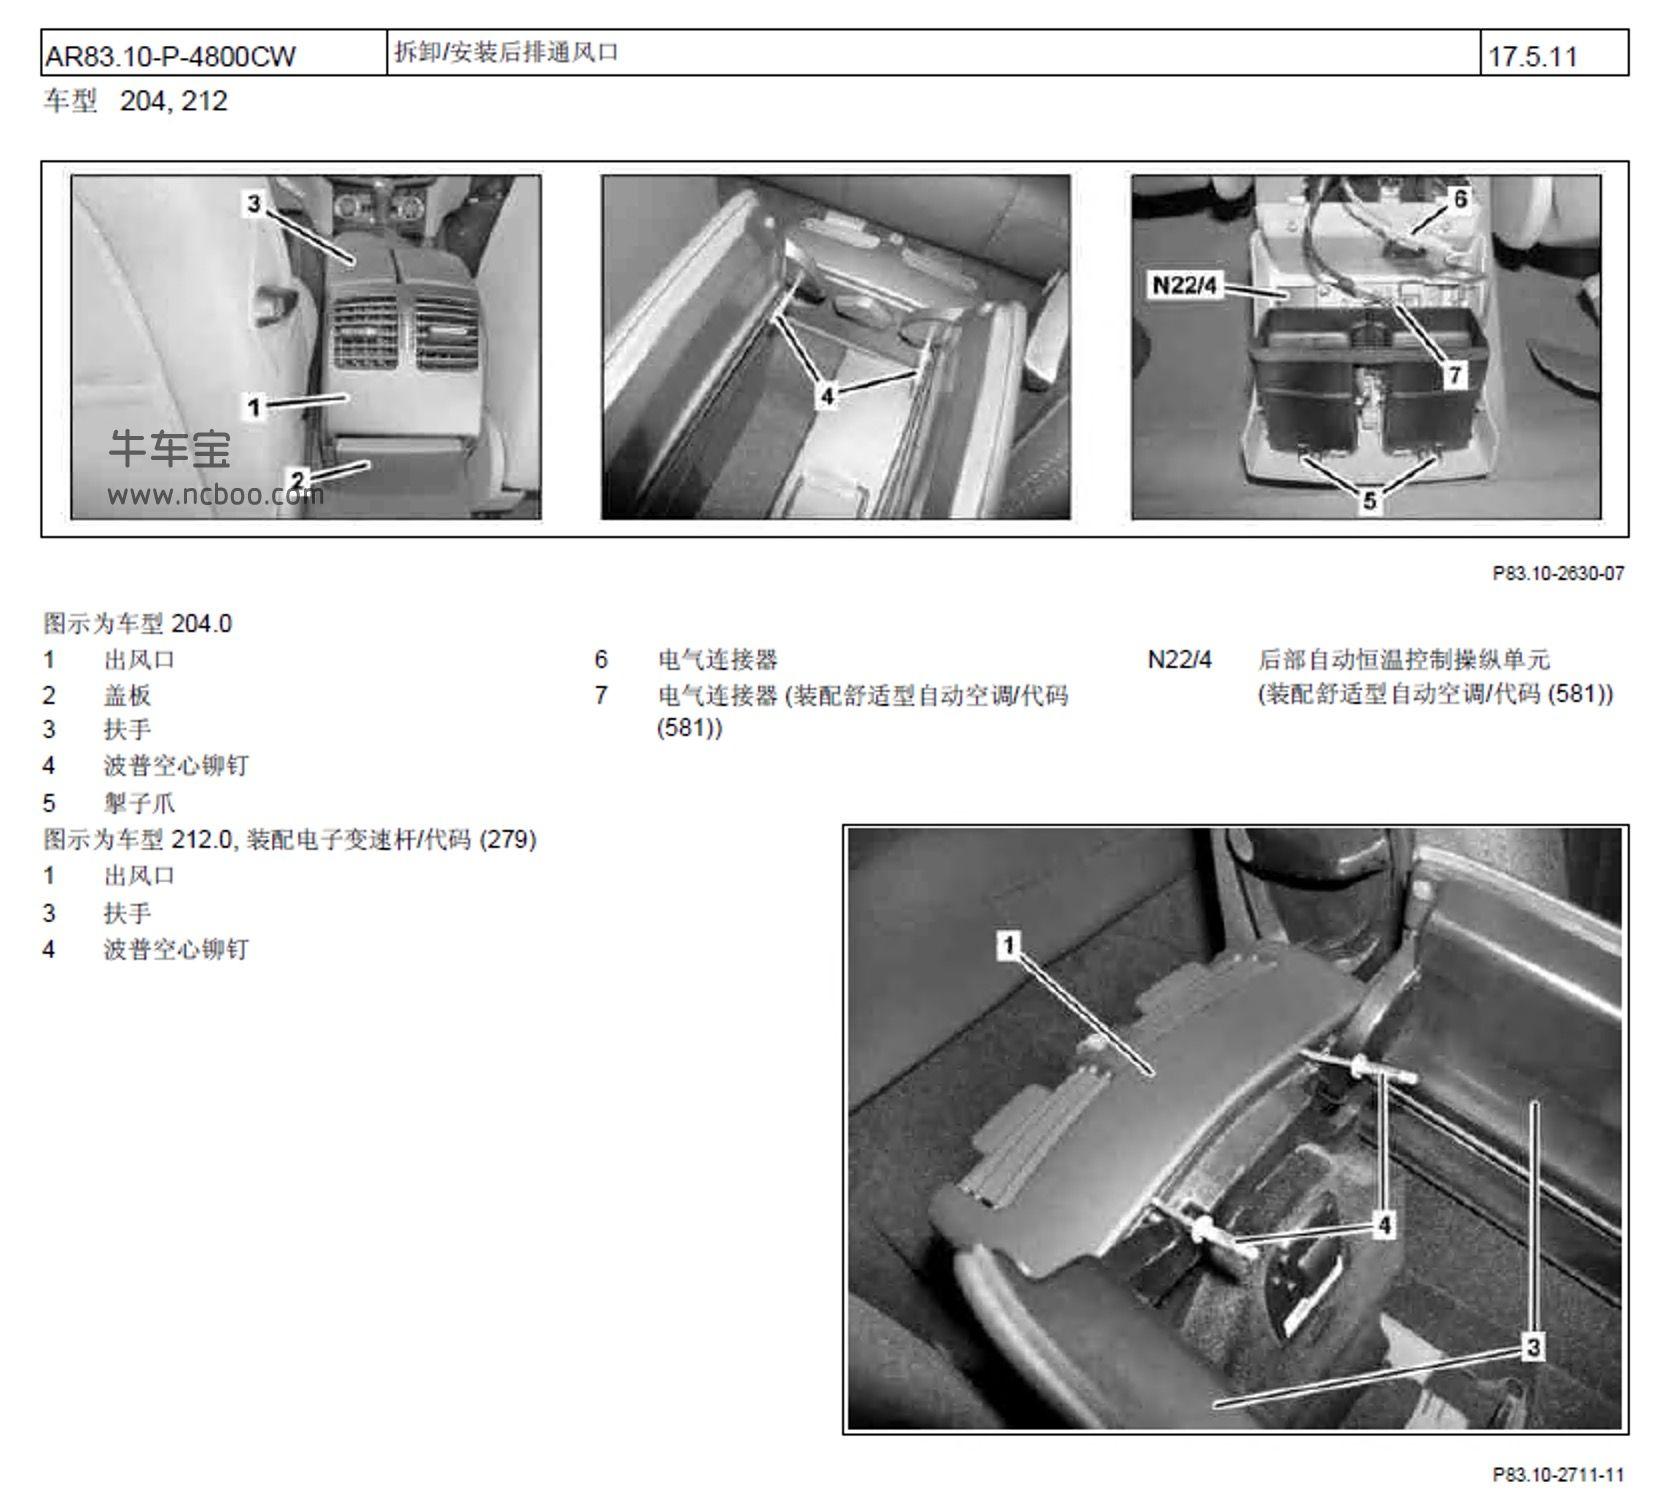 2011-2012款奔驰C200维修手册和电路图资料